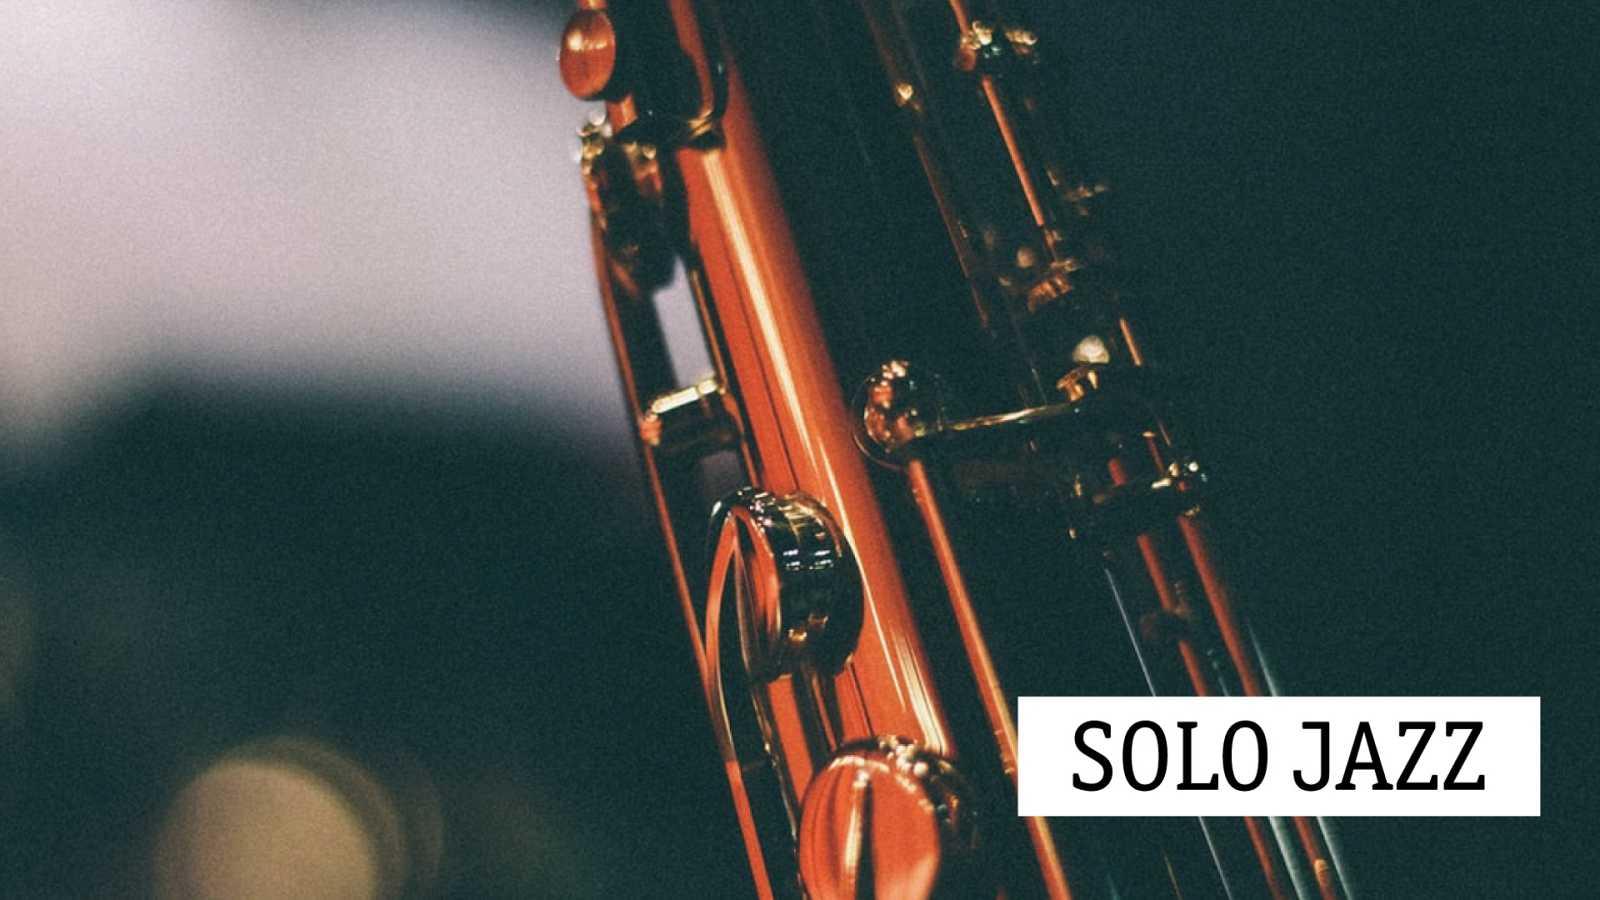 Solo jazz - Viaje al interior del jazz sin las cuerdas del piano (II) - 21/04/21 - escuchar ahora